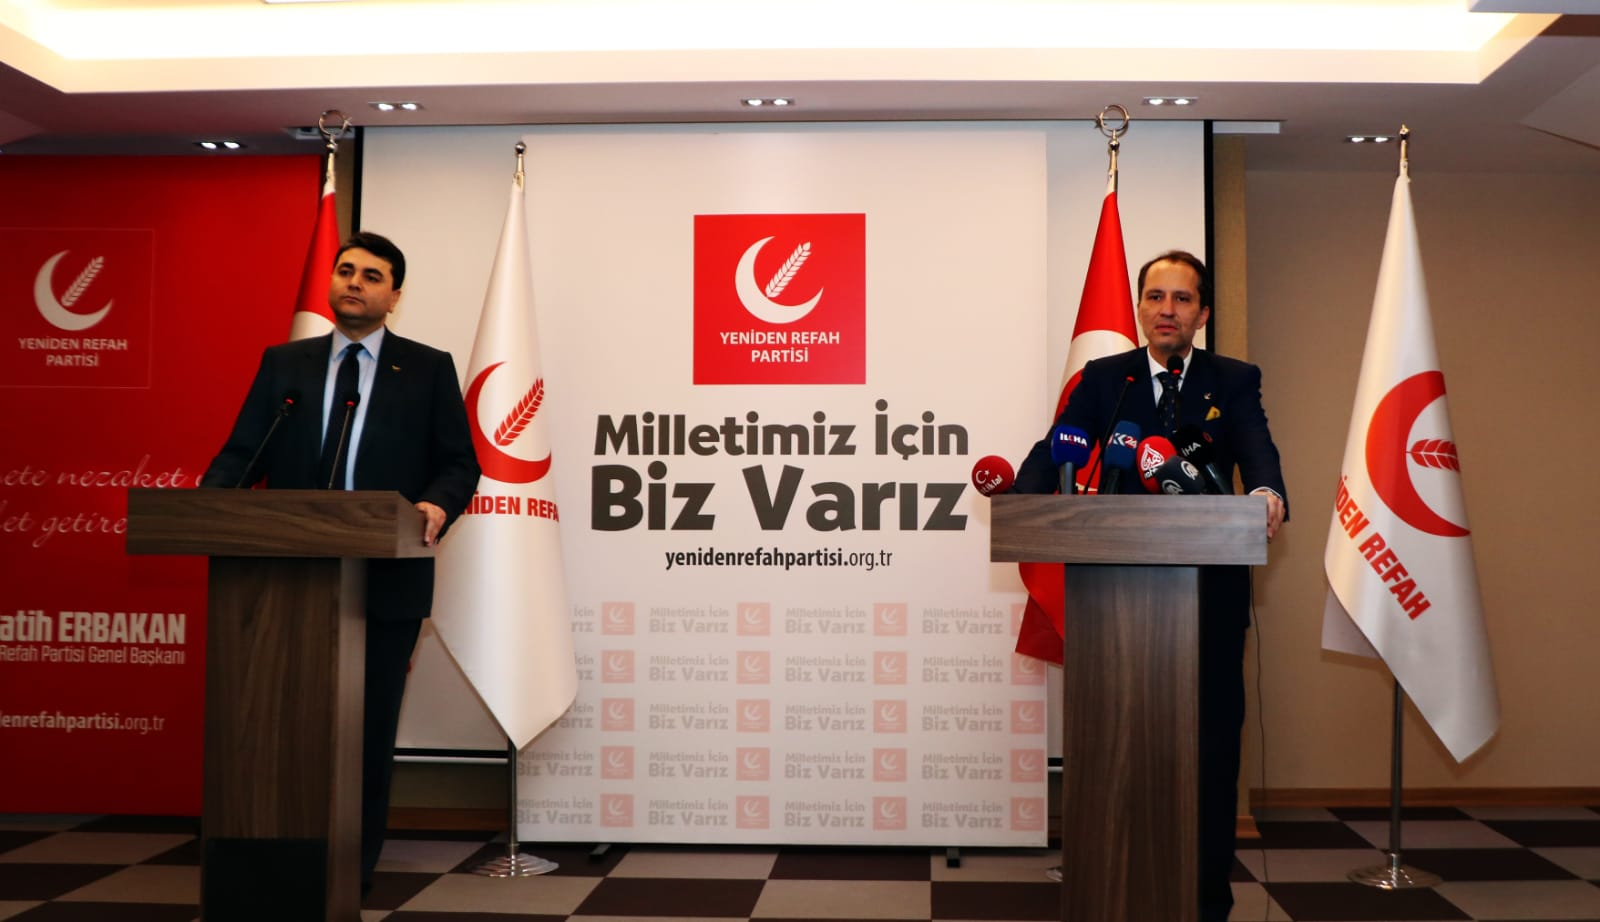 Fatih Erbakan: 'Yerli ve milli bir anayasa için destek vermeye hazırız'